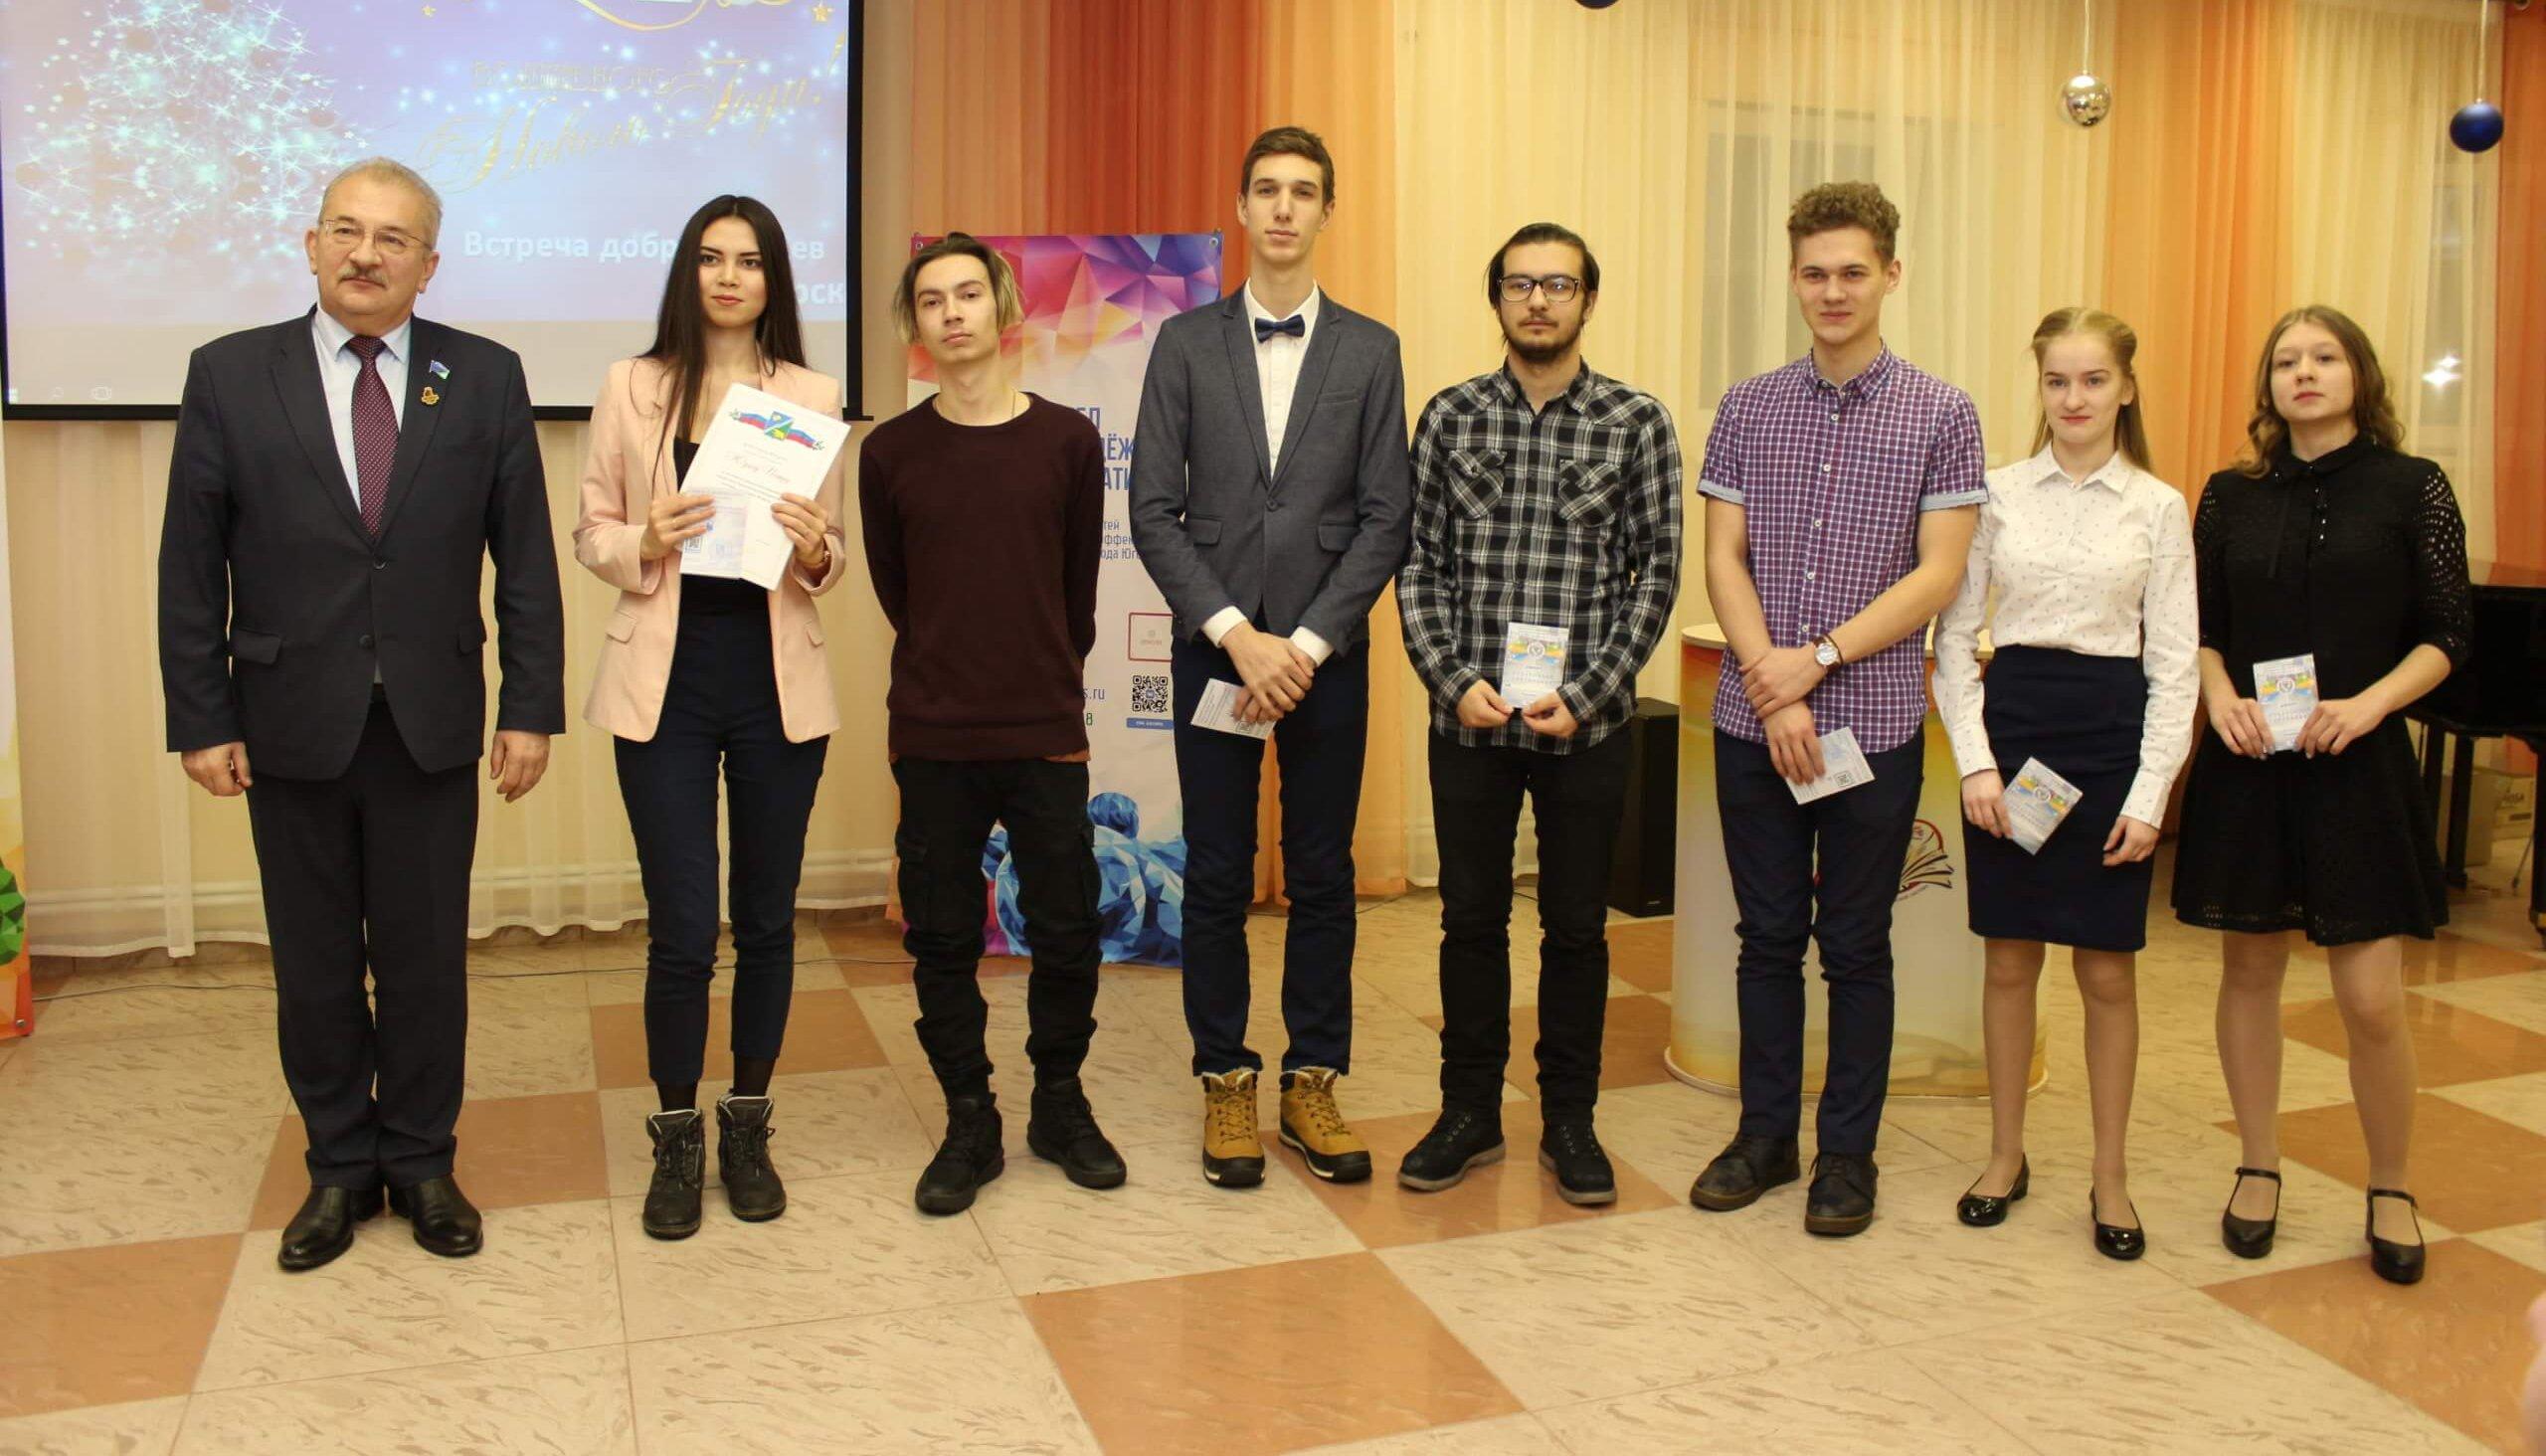 Новогодняя встреча добровольцев Югорска #Доброчай